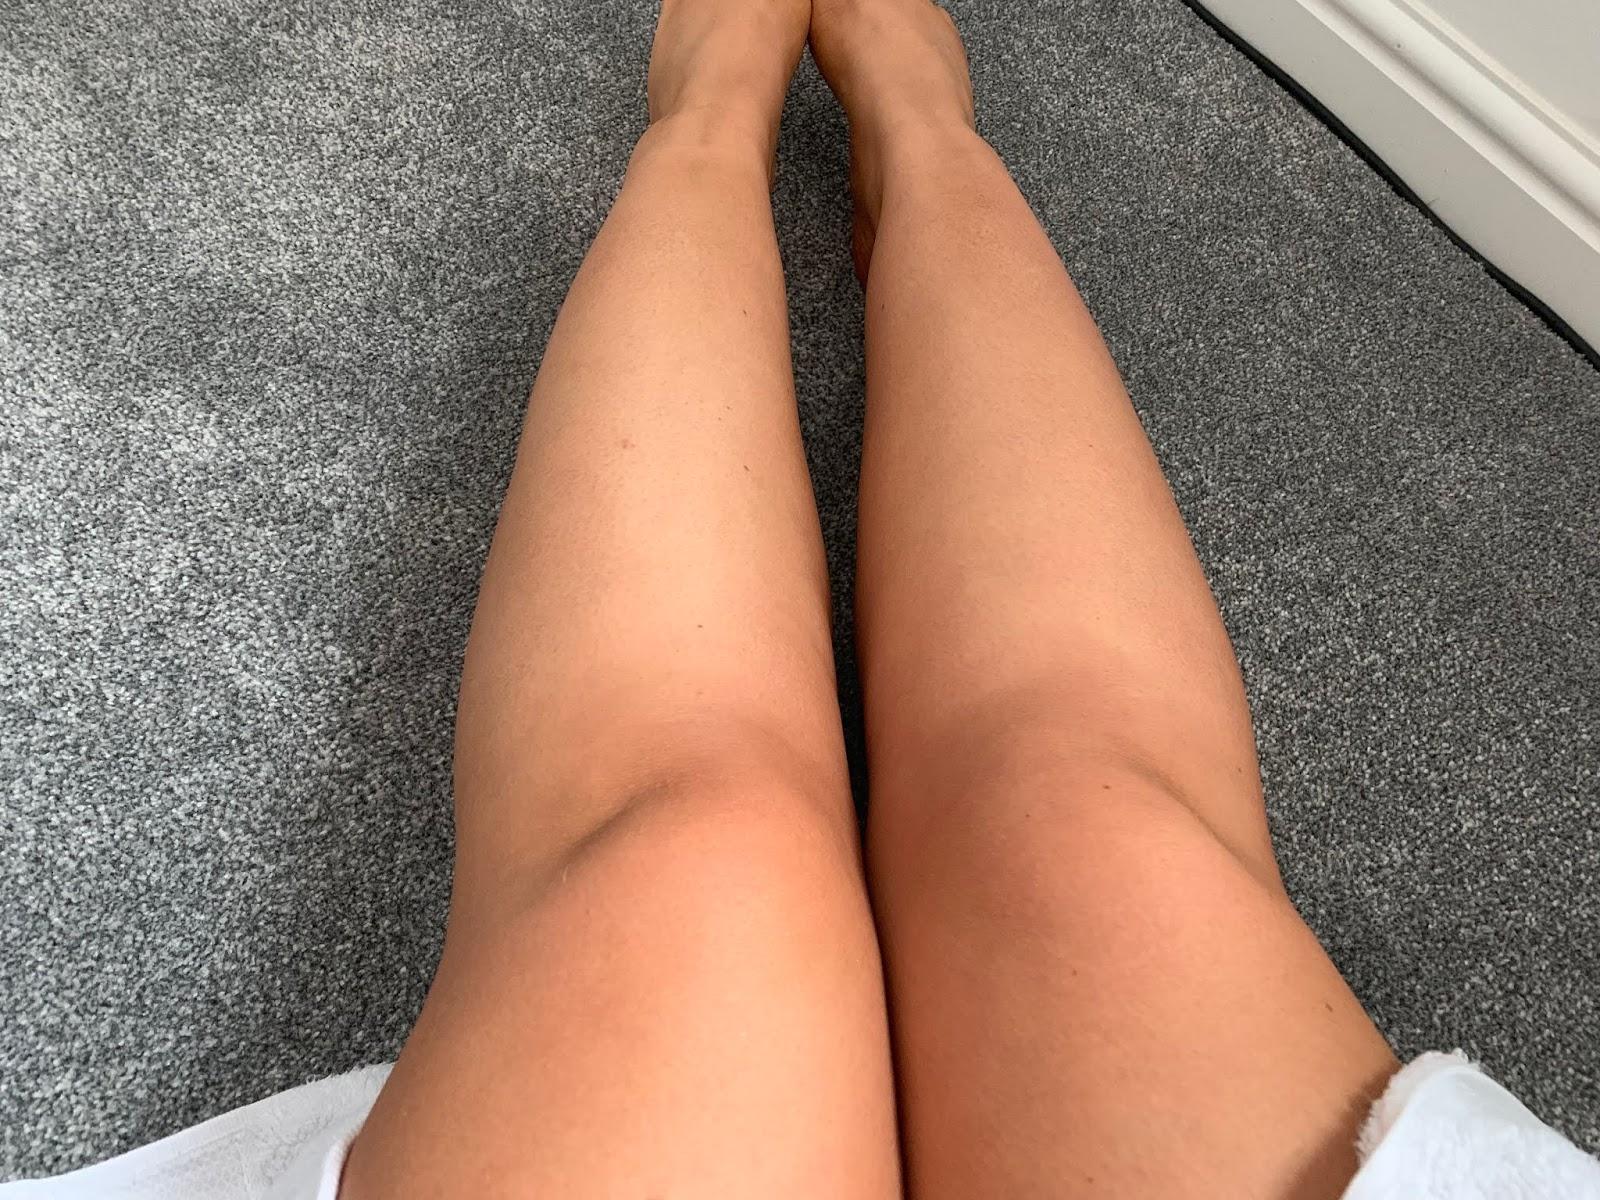 legs-after-skinny-tan-wonder-serum